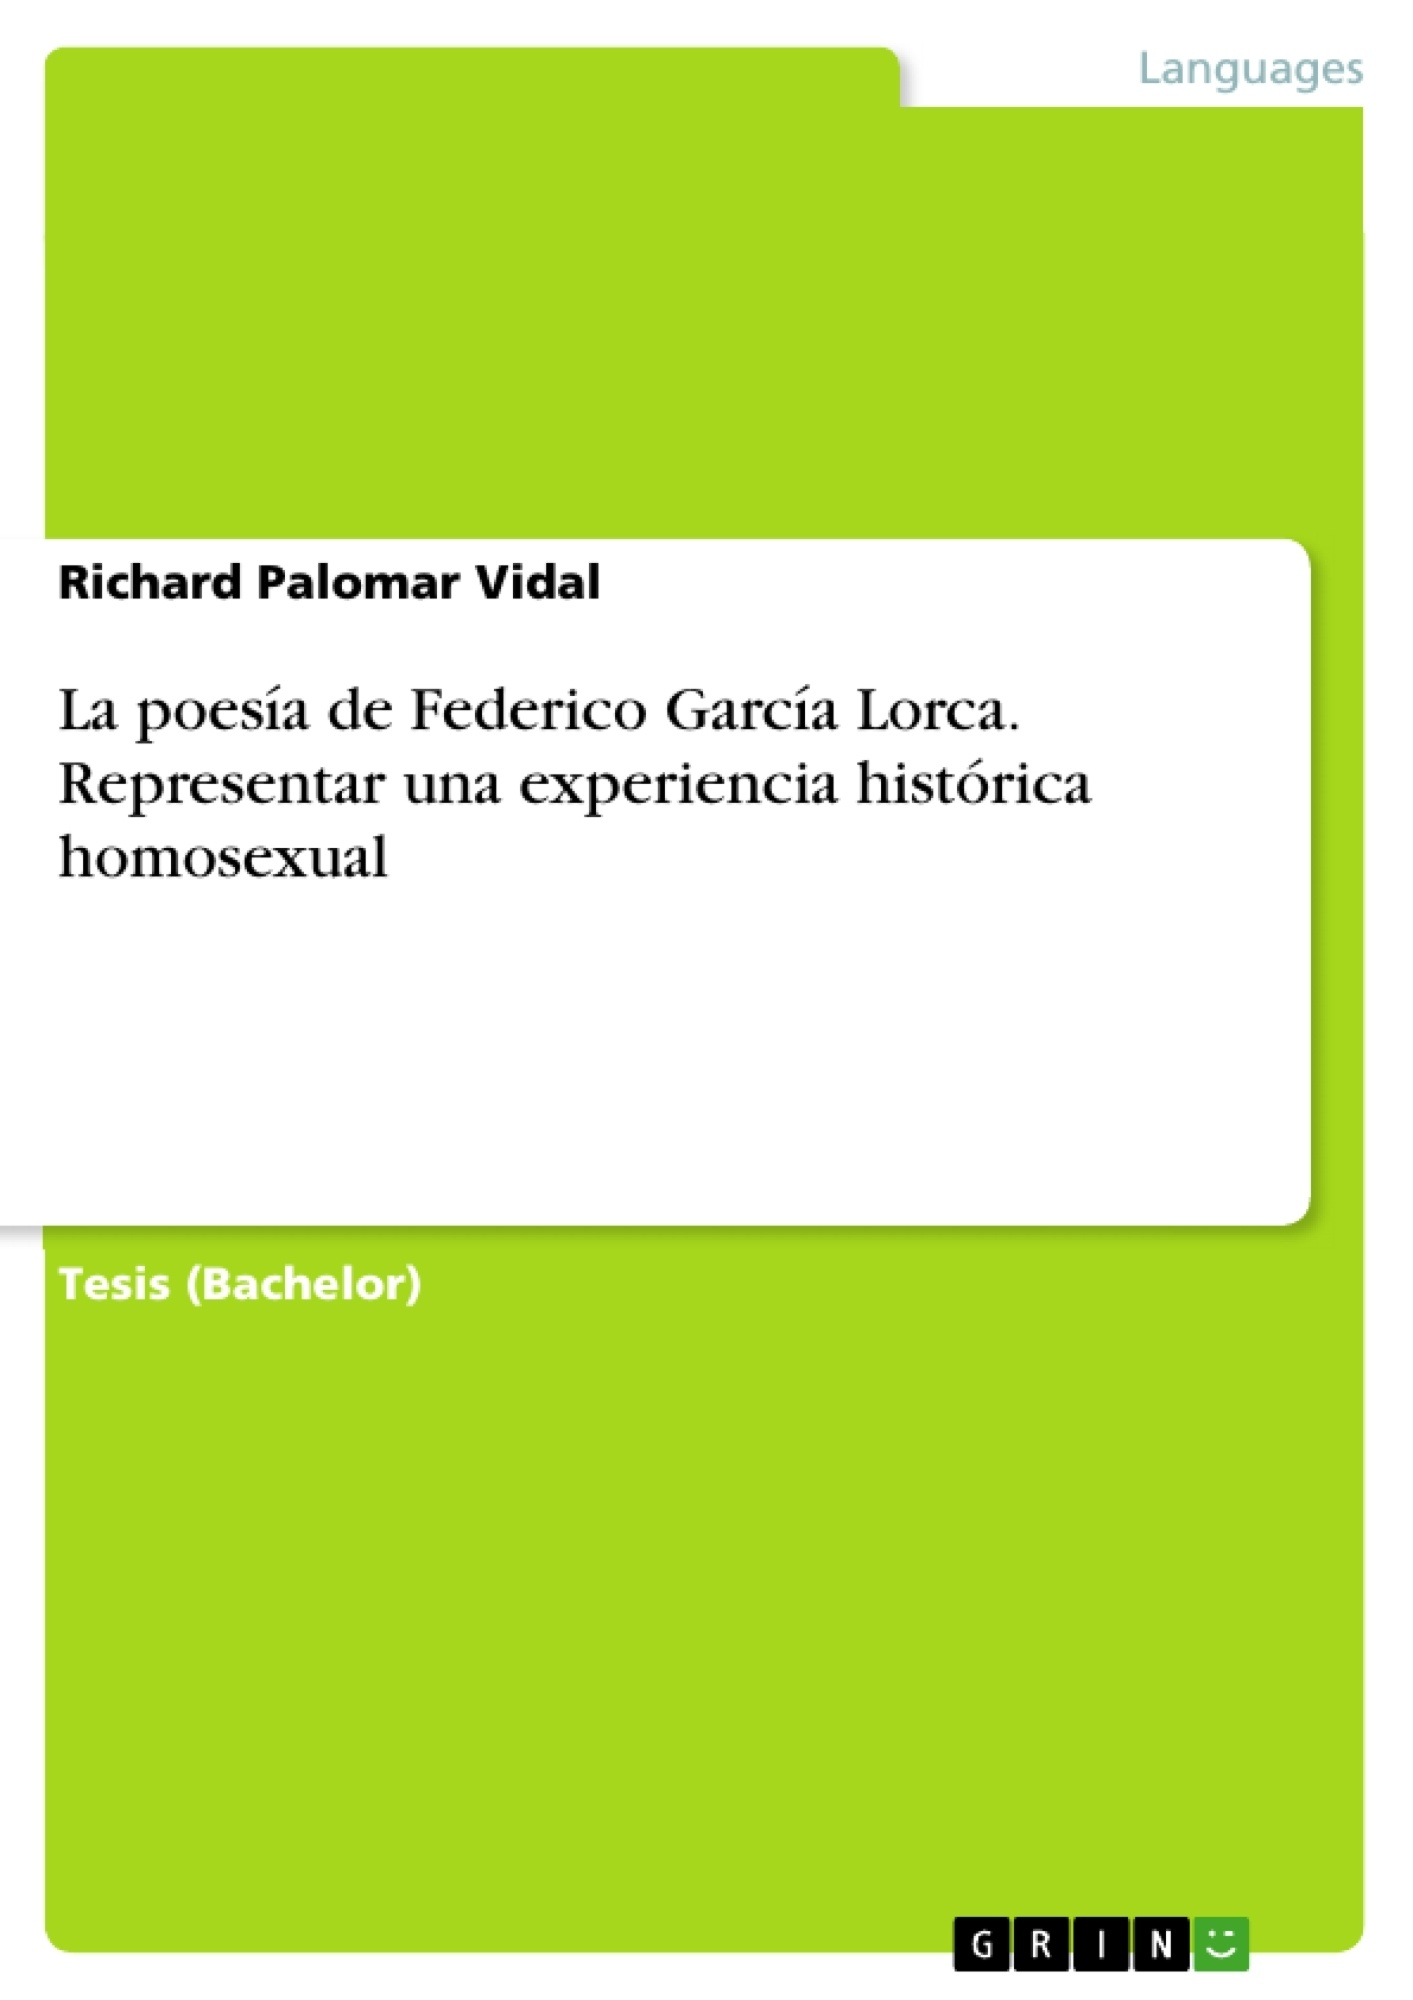 Título: La poesía de Federico García Lorca. Representar una experiencia histórica homosexual